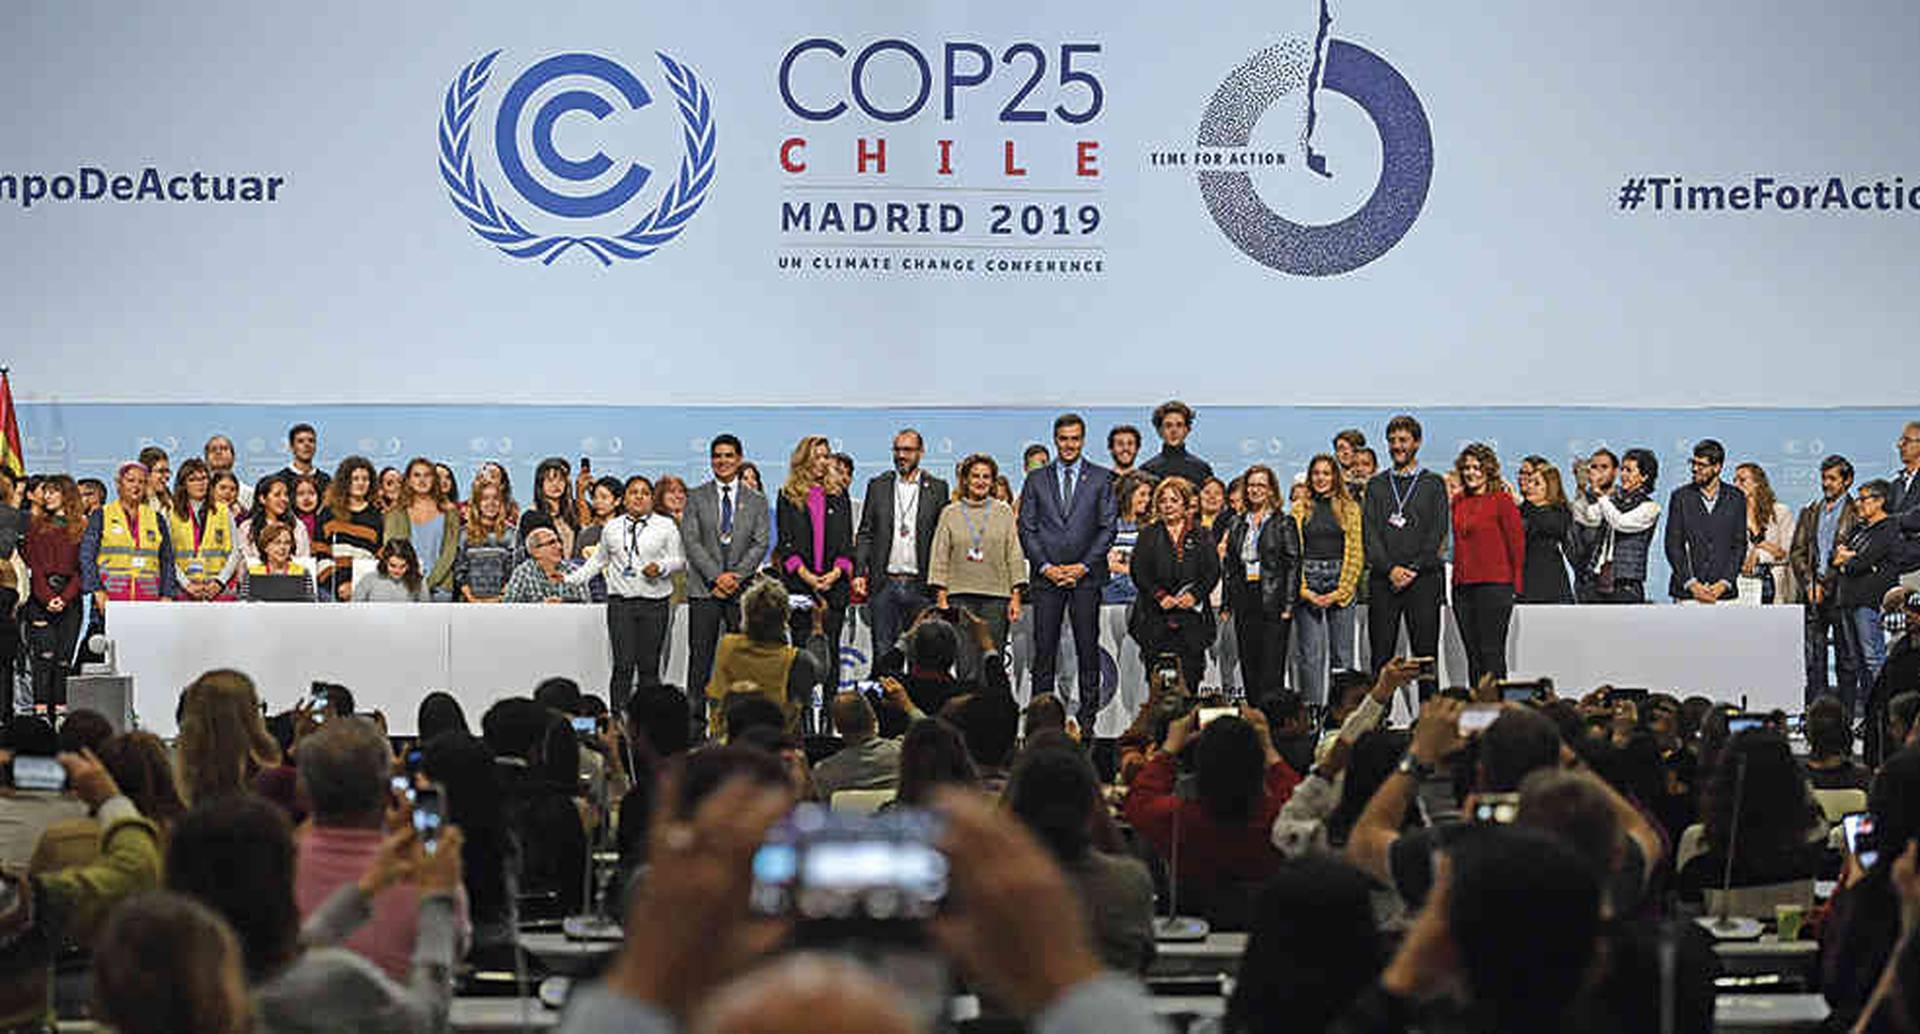 Esta semana mandatarios y delegaciones de 196 países presentarán sus avances de reducción de emisiones para 2020.